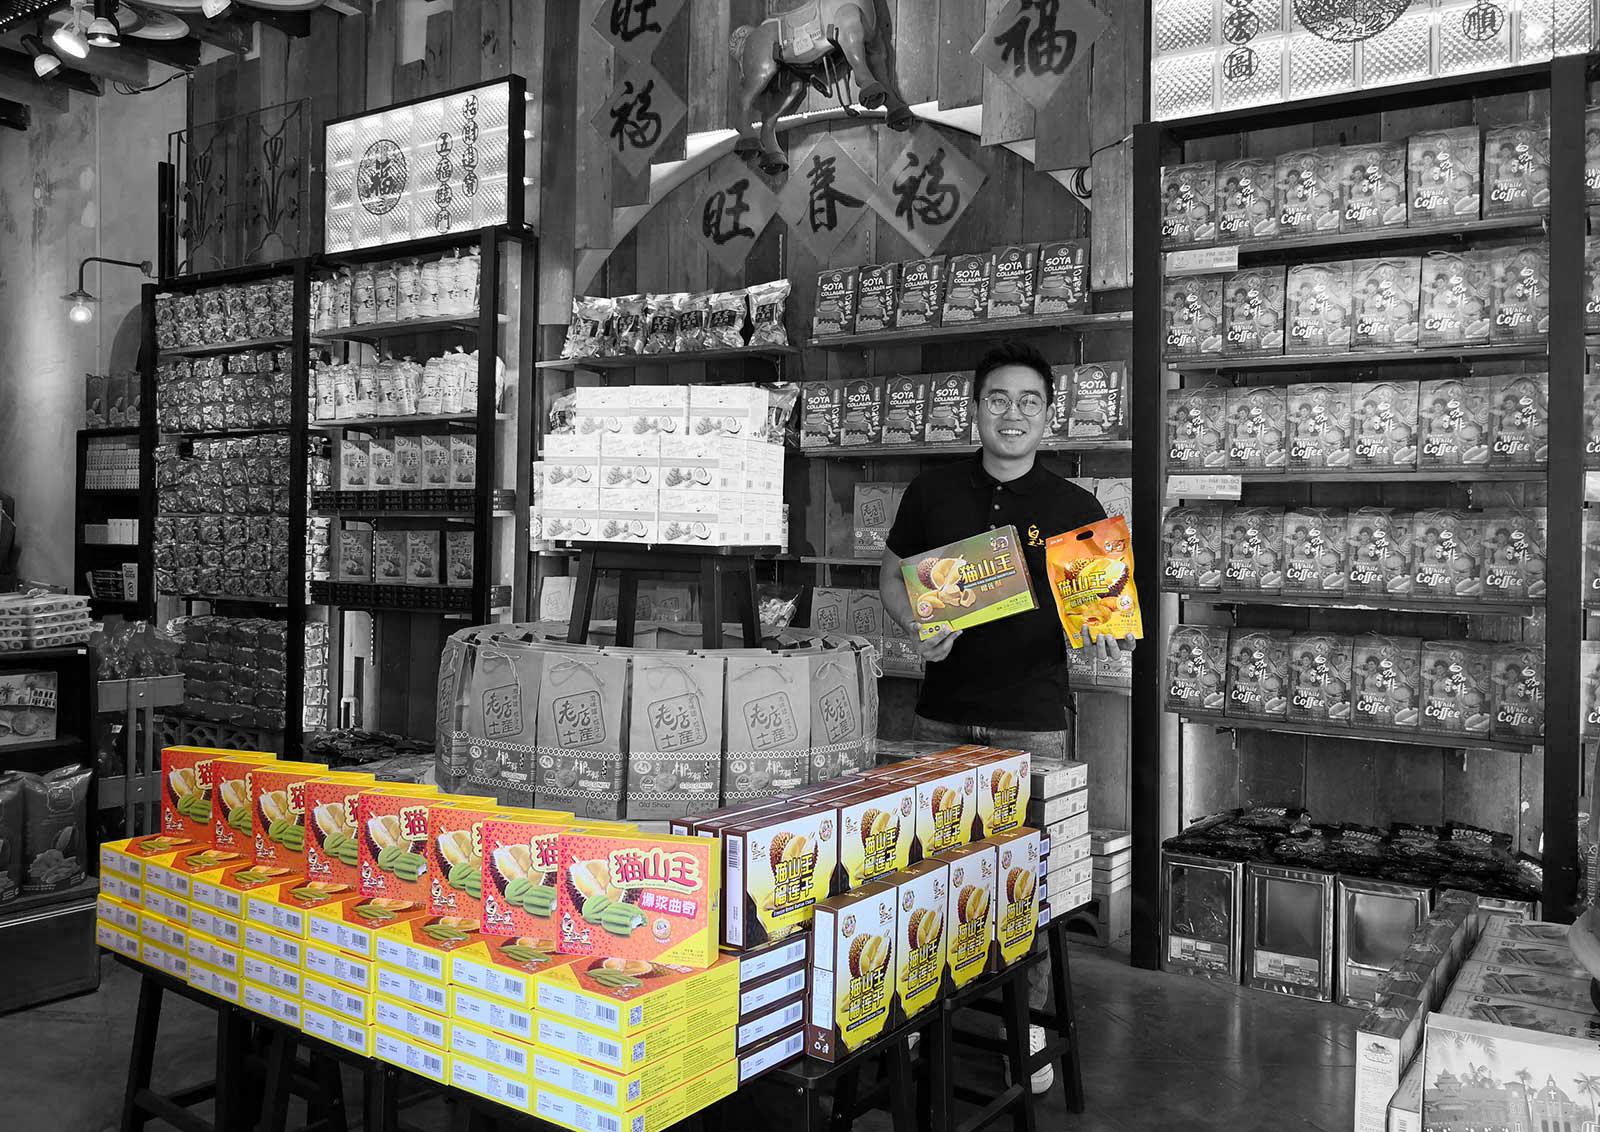 durian, musang king, musang king durian, mao shan wang, frozen, frozen durian, liquid nitrogen, liquid nitrogen durian, king of fruit, king of kings, top fruits, top fruit, king, kings, china, malaysia, freeze dried durian, dried durian, biscuit, durian biscuit, shortcake, durian shortcake, cookies, durian cookies, durian cream, cream filled cookies, durian cream filled cookies, musang king coconut cookies, durian coconut cookies, musang king durian coconut cookies, mao shan wang cookies, mao shan wang biscuit, mao shan wang shortcake, mao shan wang freeze dried chips, d197, 400g, frozen durian, durian liquor, durian pulp, durian mooncake, durian flavour, durian paste, d24, musang king durian paste, d197 durian paste, d197 freeze dried durian, durian dumpling, frozen durian dumpling, musang king durian dumpling, mango, dried mango, freeze dried mango, dried durian, banana, freeze dried banana, dried banana, jackfruit, freeze dried jackfruit, dried jackfruit, tongkat ali, tongkat, ali, kacip, fatimah, kacip fatimah, durian coconut cookies, coconut cookies, musang king cookies, musang king durian coconut cookies, cookies, coconut, mao shan wang cookies, mao shan wang durian coconut cookies, mooncake, mooncake oem, oem, durian mooncake, musang king mooncake, musang king durian mooncake, mao shan wang durian mooncake, mao shan wang mooncake, oem mooncake,猫山王榴莲, 猫山王, 榴莲, 猫山王榴莲饼, 猫山王榴莲香饼, 猫山王榴莲酥, 榴莲酥, 酥,